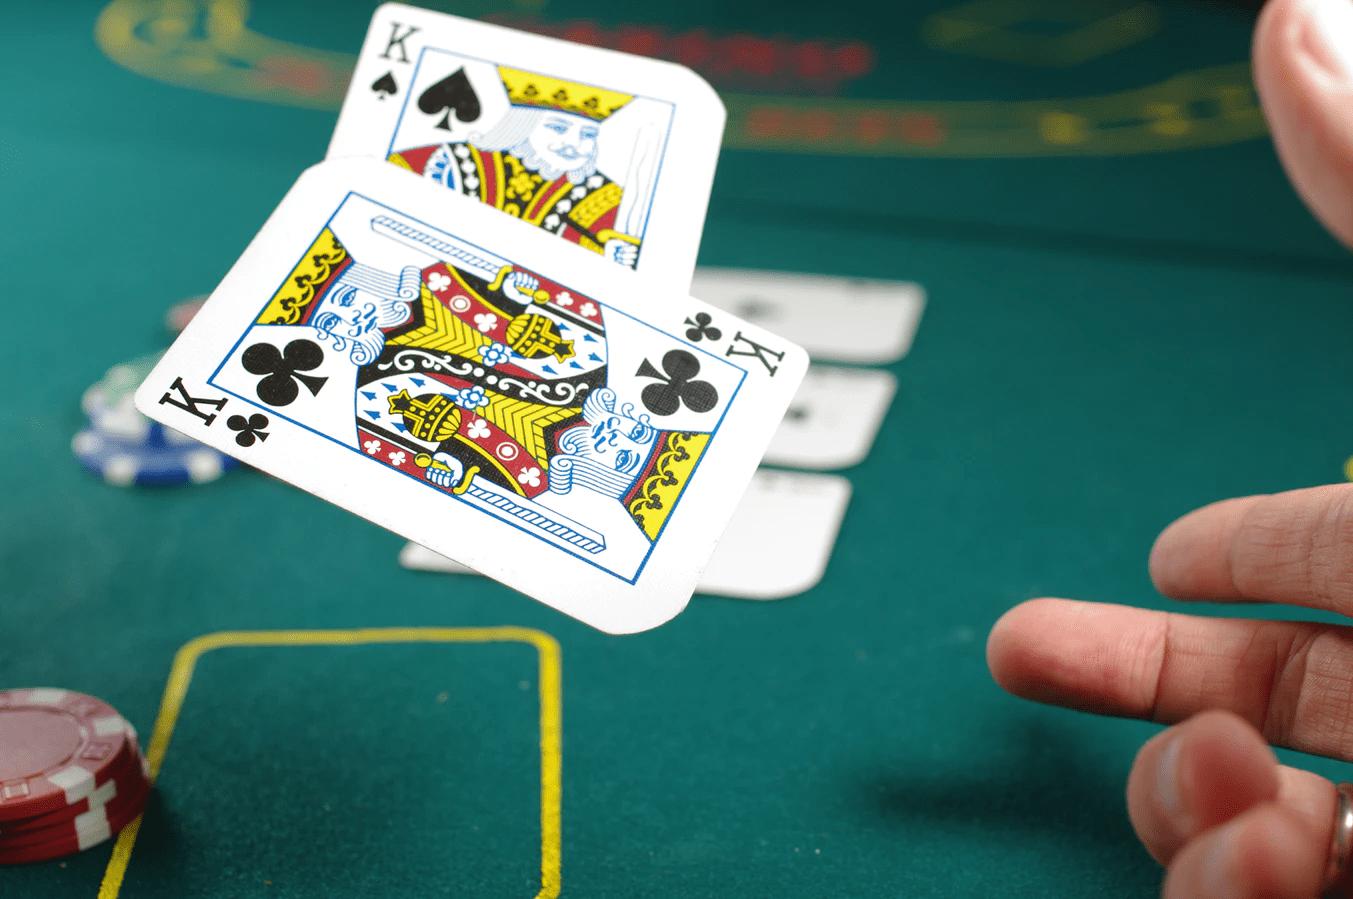 มือใหม่ก็เล่นได้! LuckyNiki คาสิโนออนไลน์พร้อมต้อนรับผู้เล่นมือใหม่